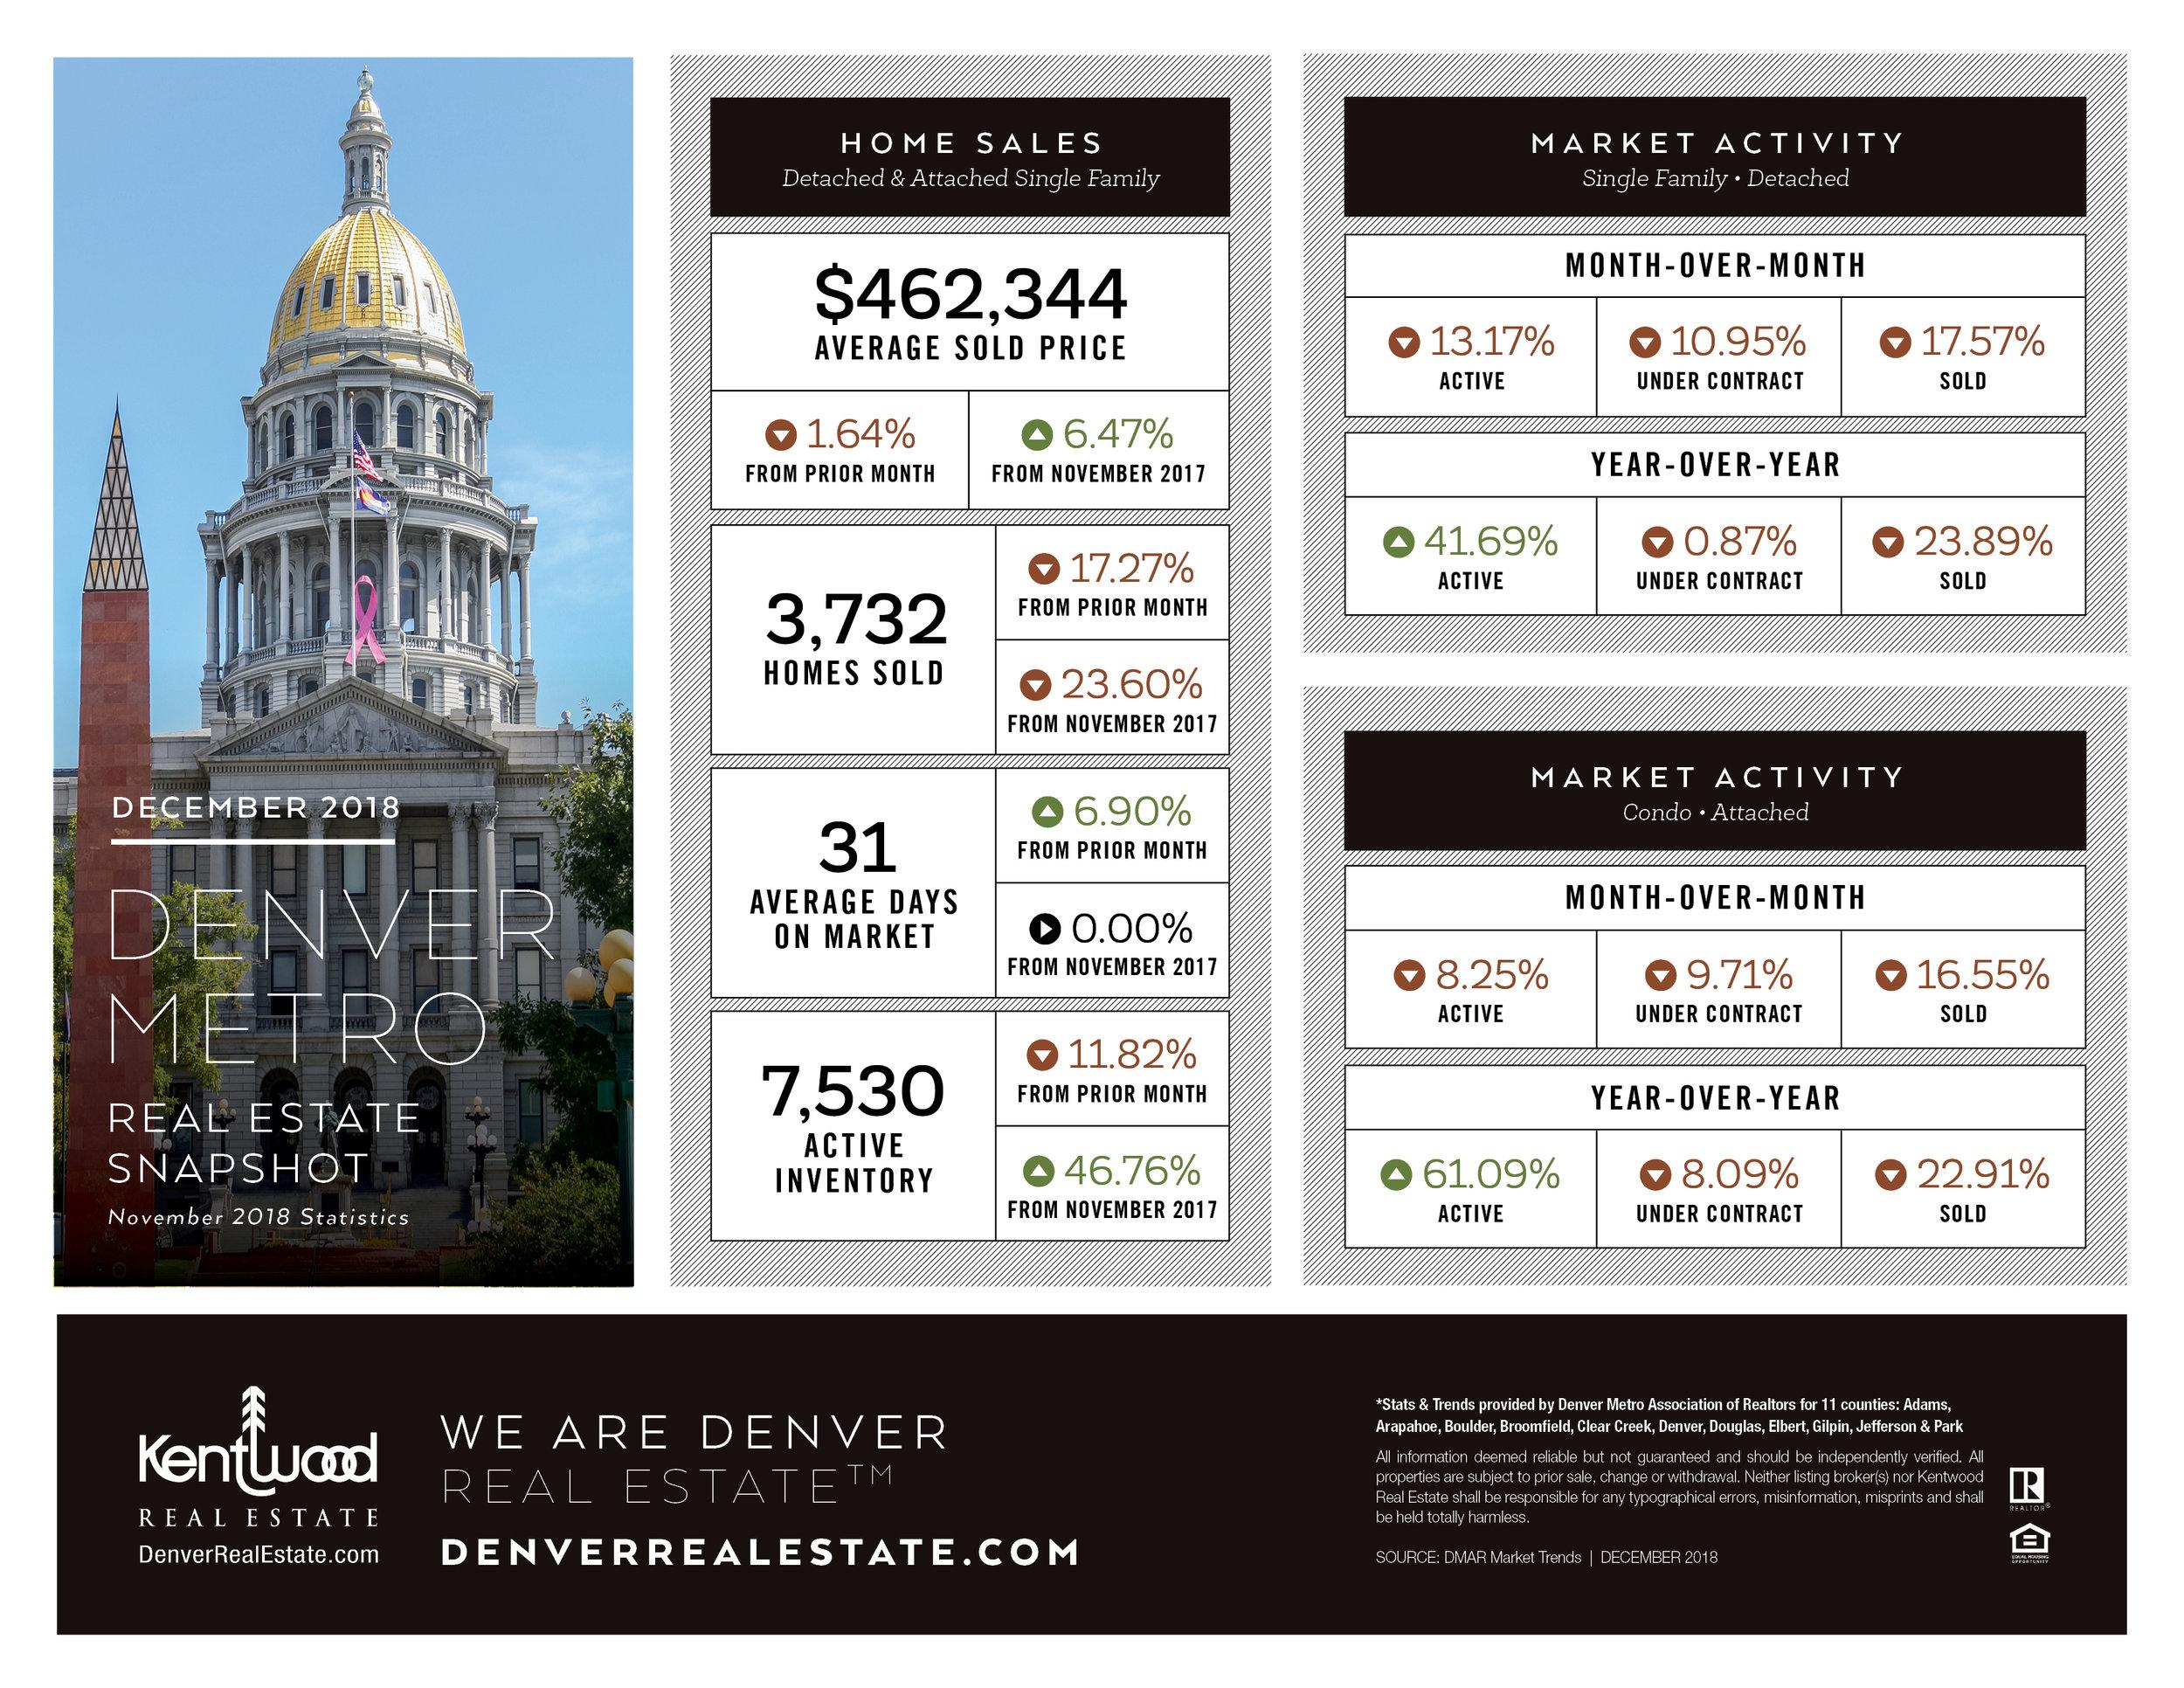 Dec_Denver_Metro_Stats.jpg